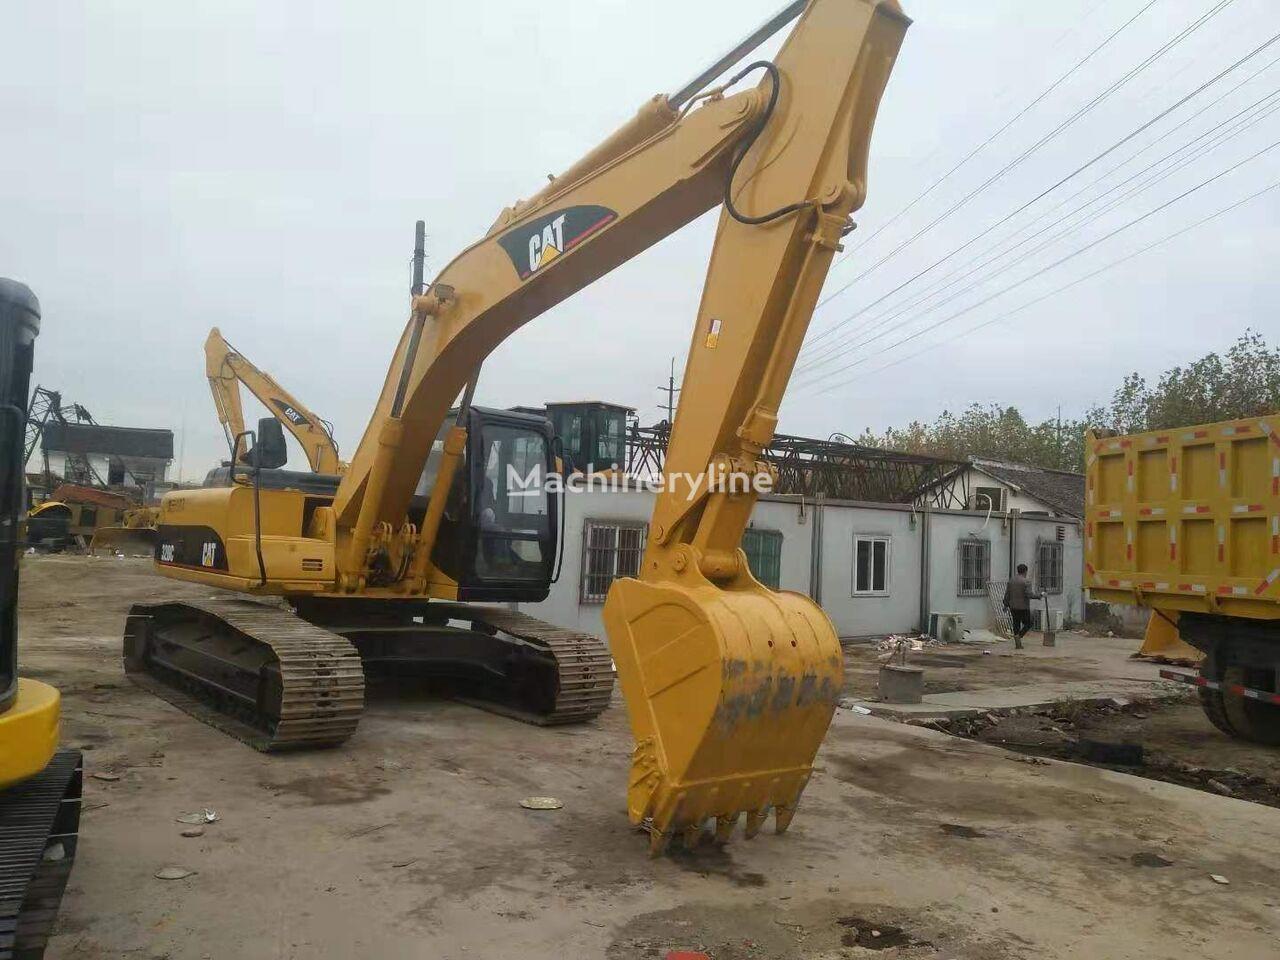 CATERPILLAR 320C  excavadora de cadenas